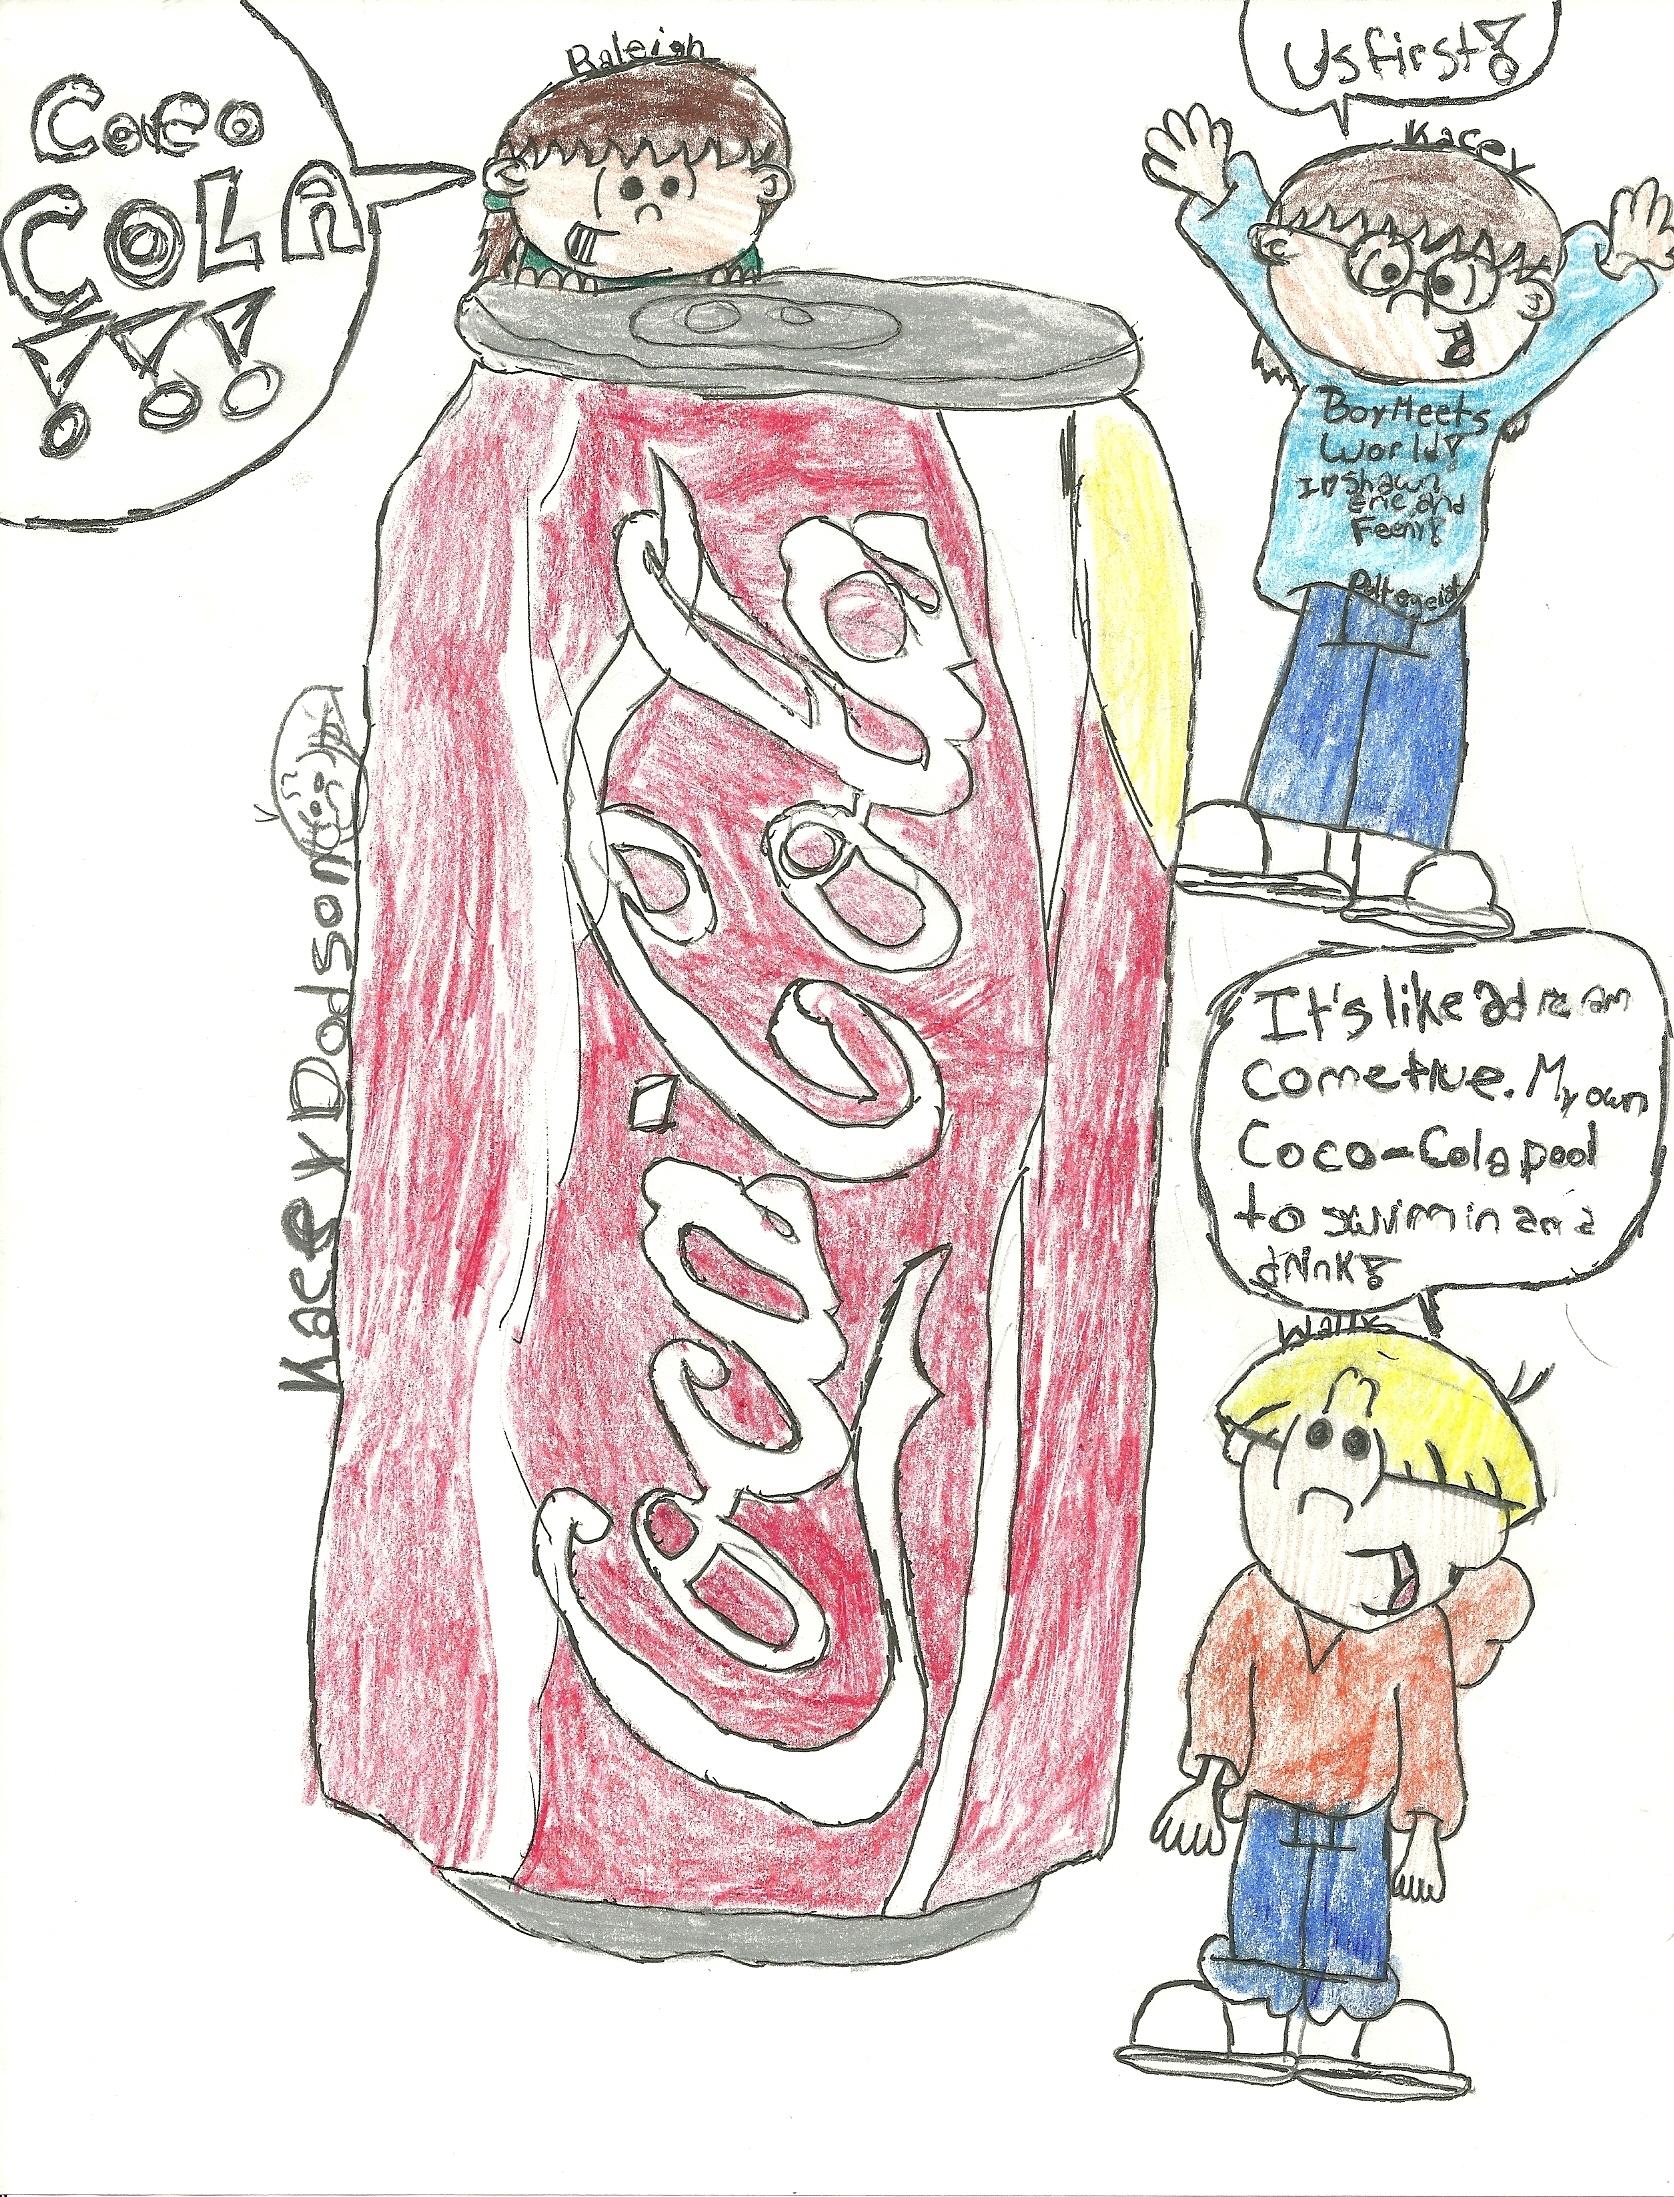 Coco Cola!